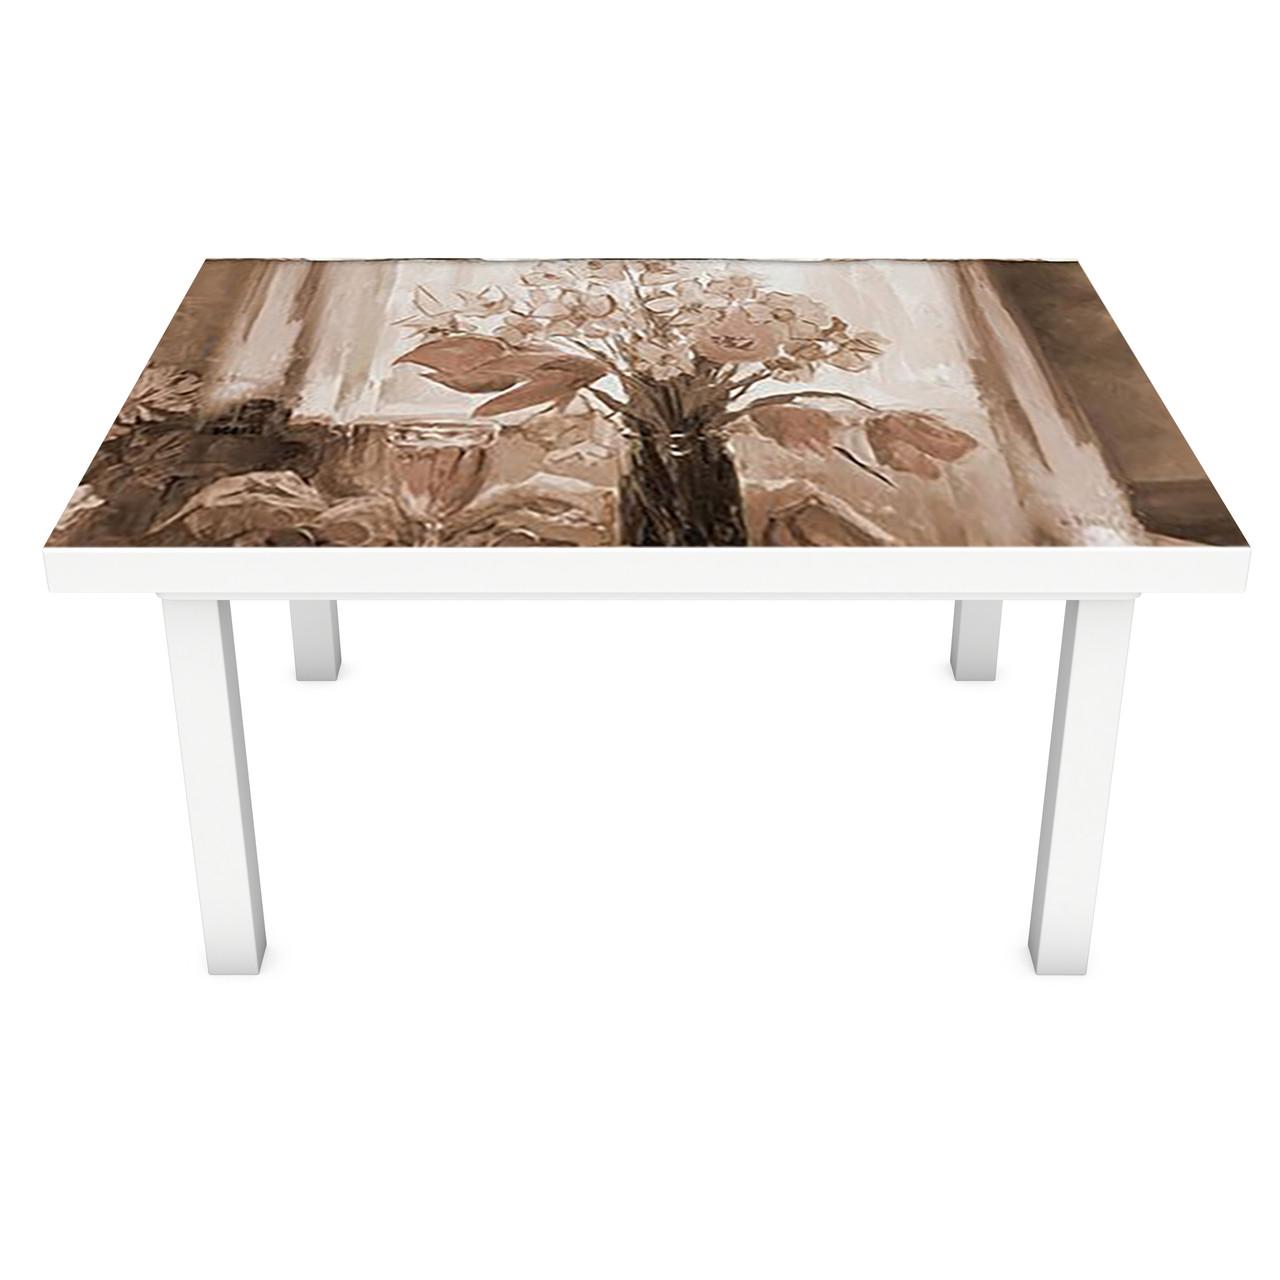 Наклейка на стіл вінілова Картина півонії ретро цеглини на меблі інтер'єрна ПВХ плівка бежевий 600*1200 мм